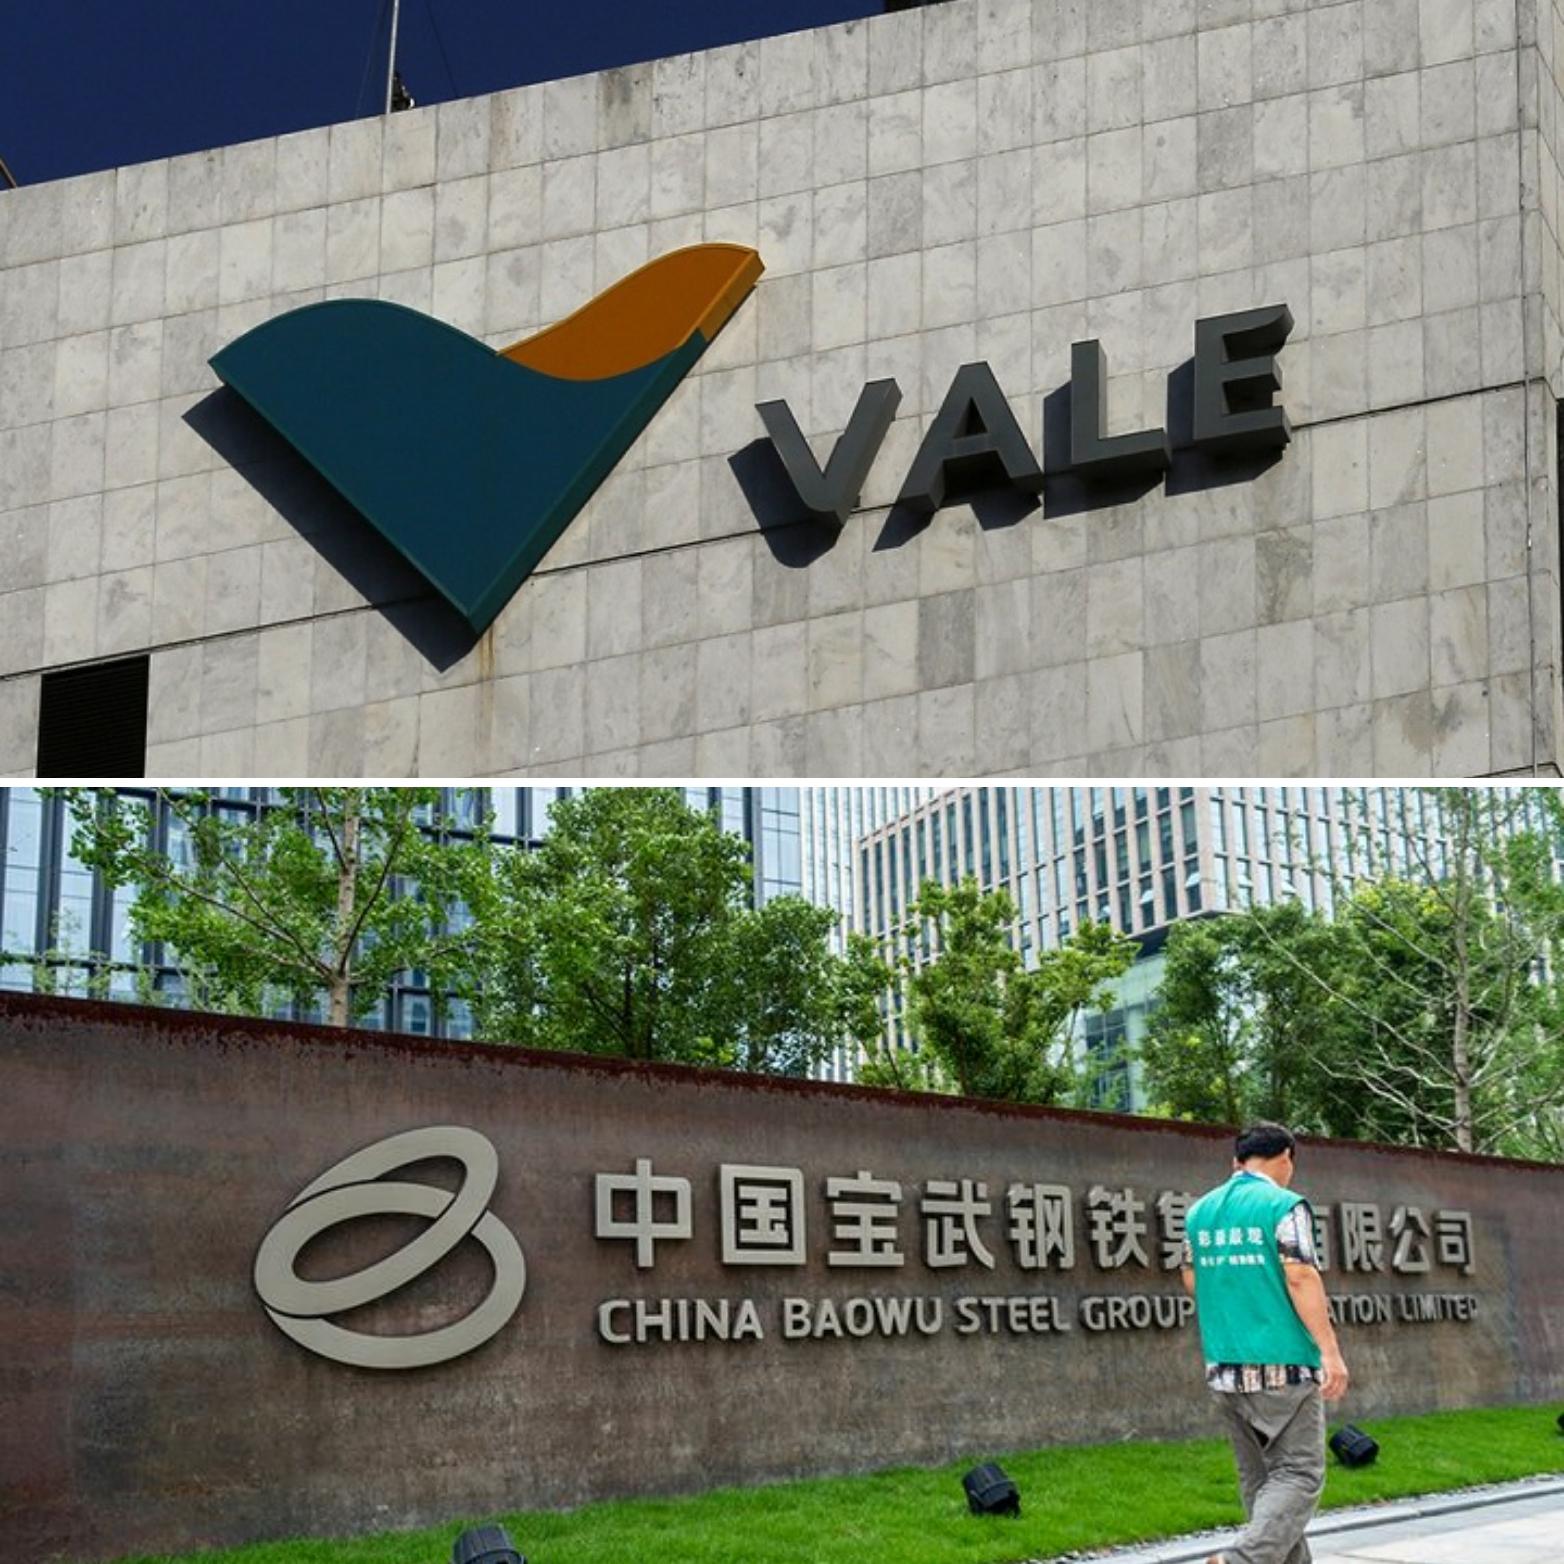 واله و Baowu چین توافقنامه استراتژیک برای تقویت همکاری ها امضا کردند